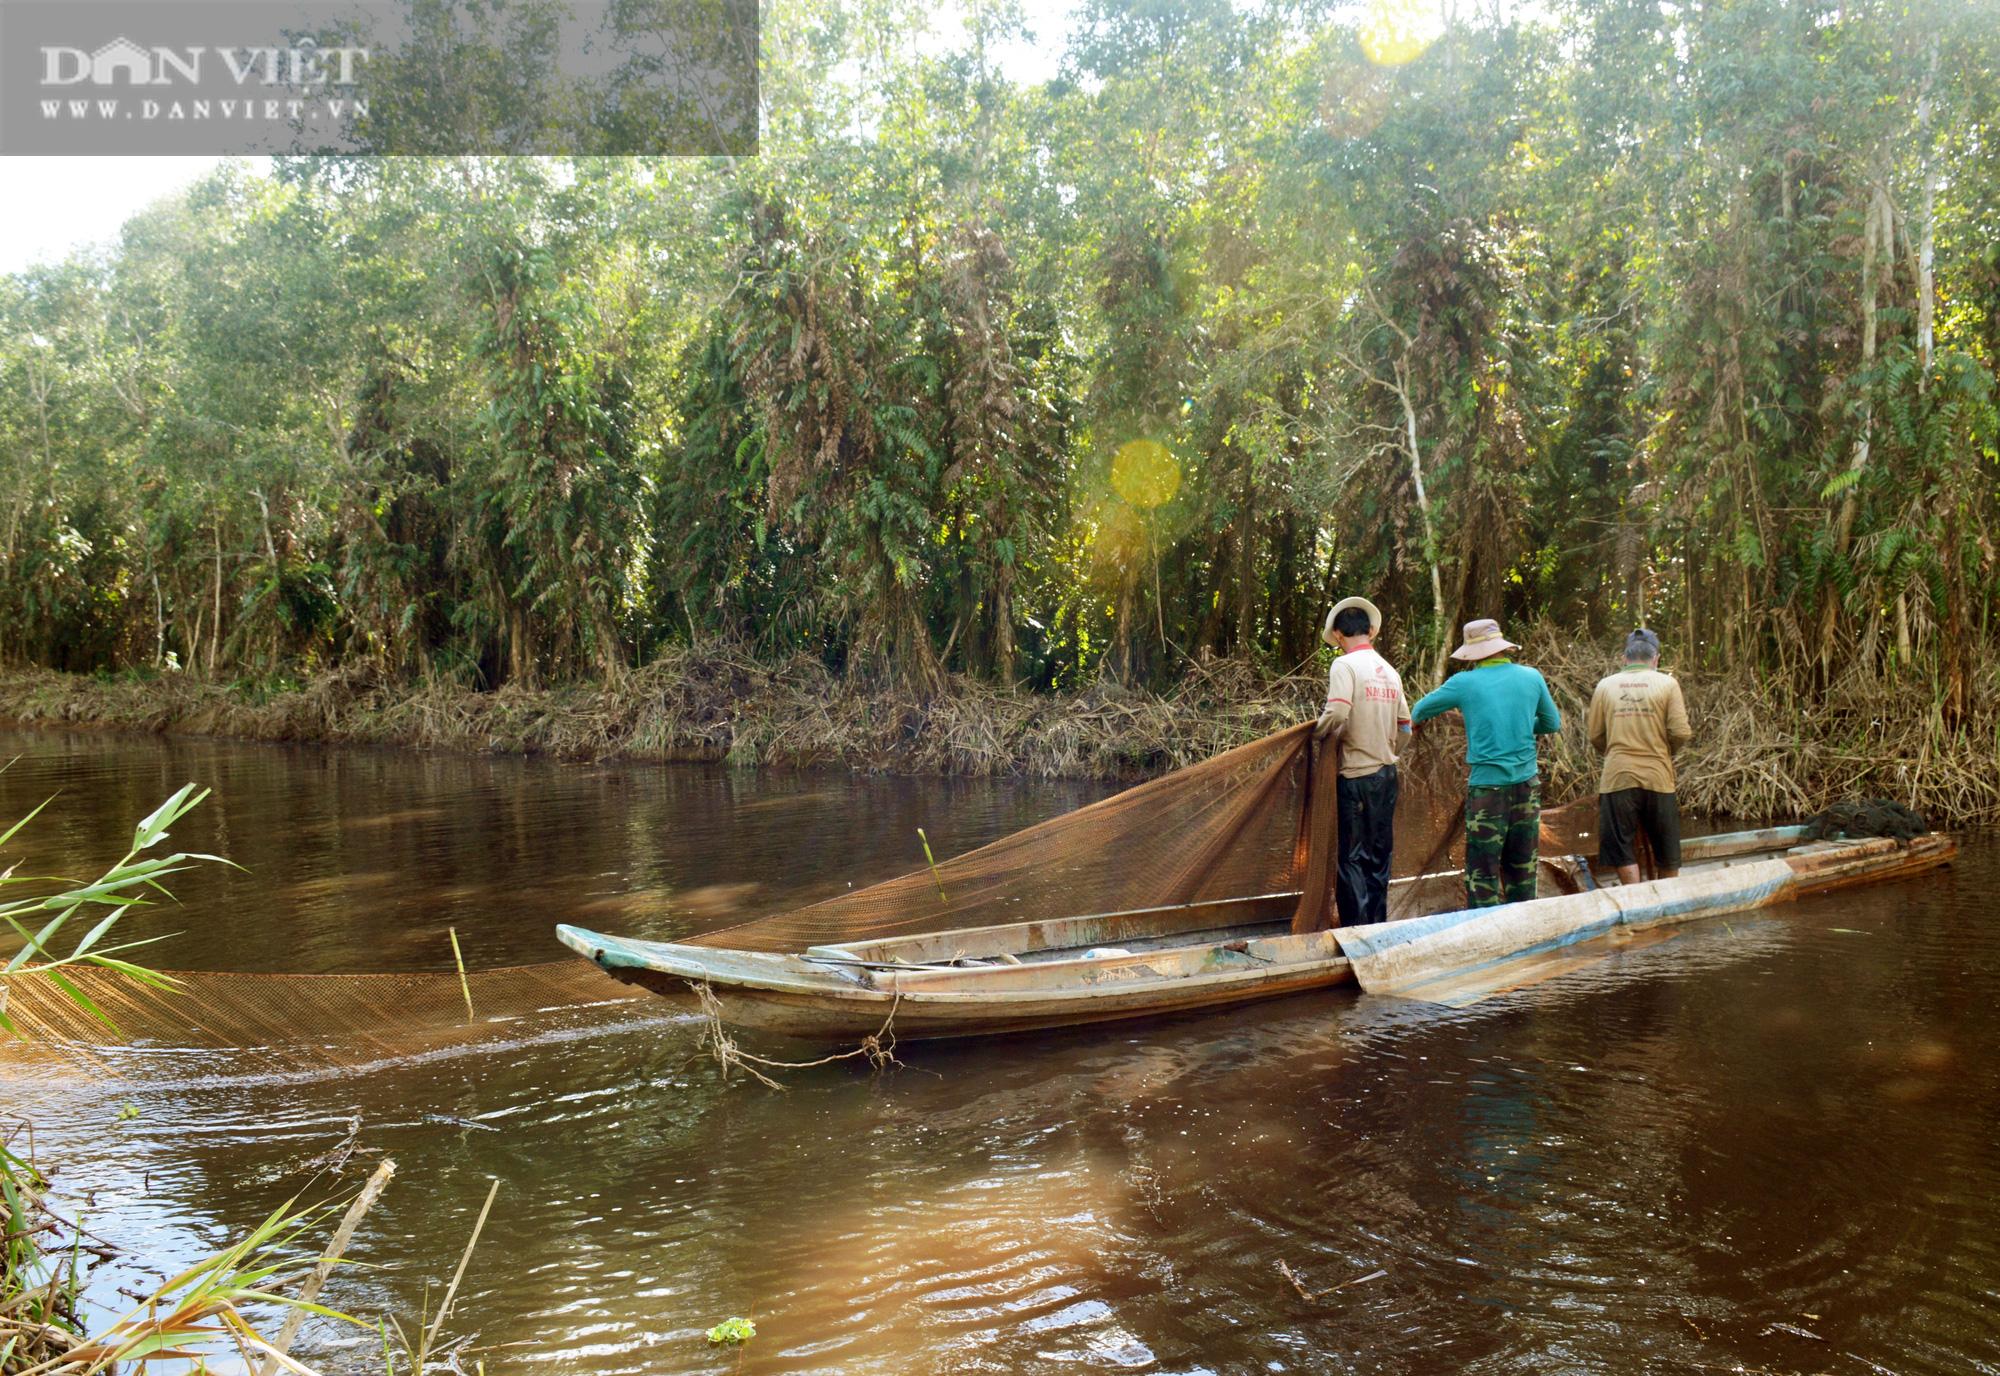 Về vườn quốc gia U Minh Hạ mục sở thị cảnh chụp đìa bắt hàng trăm kg cá đồng - Ảnh 4.